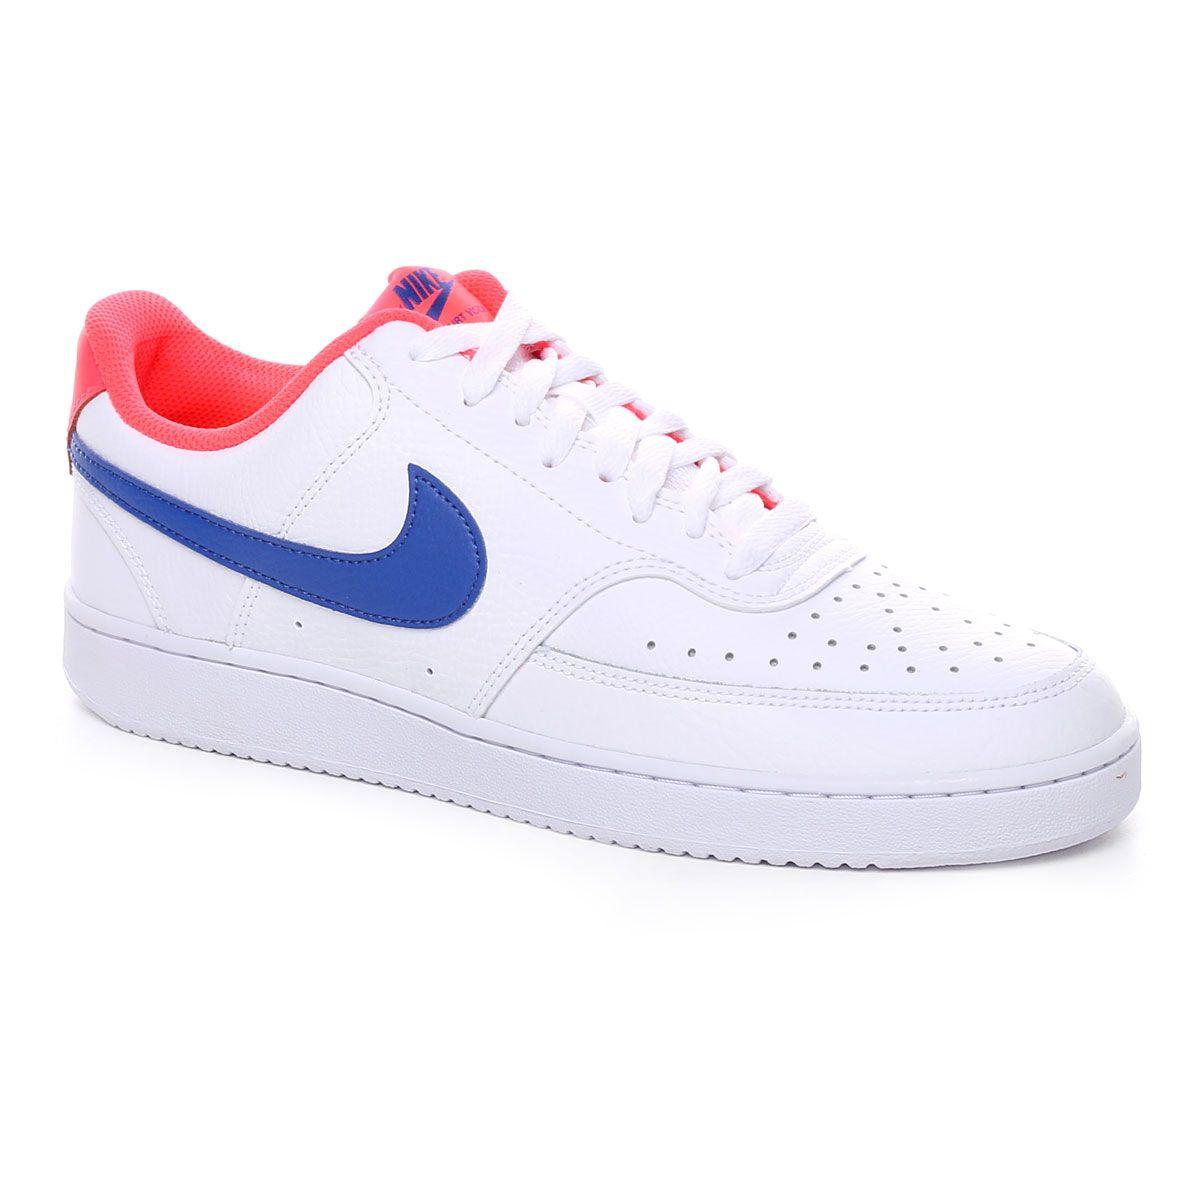 Nike Court Vision Low Uomo Bianco